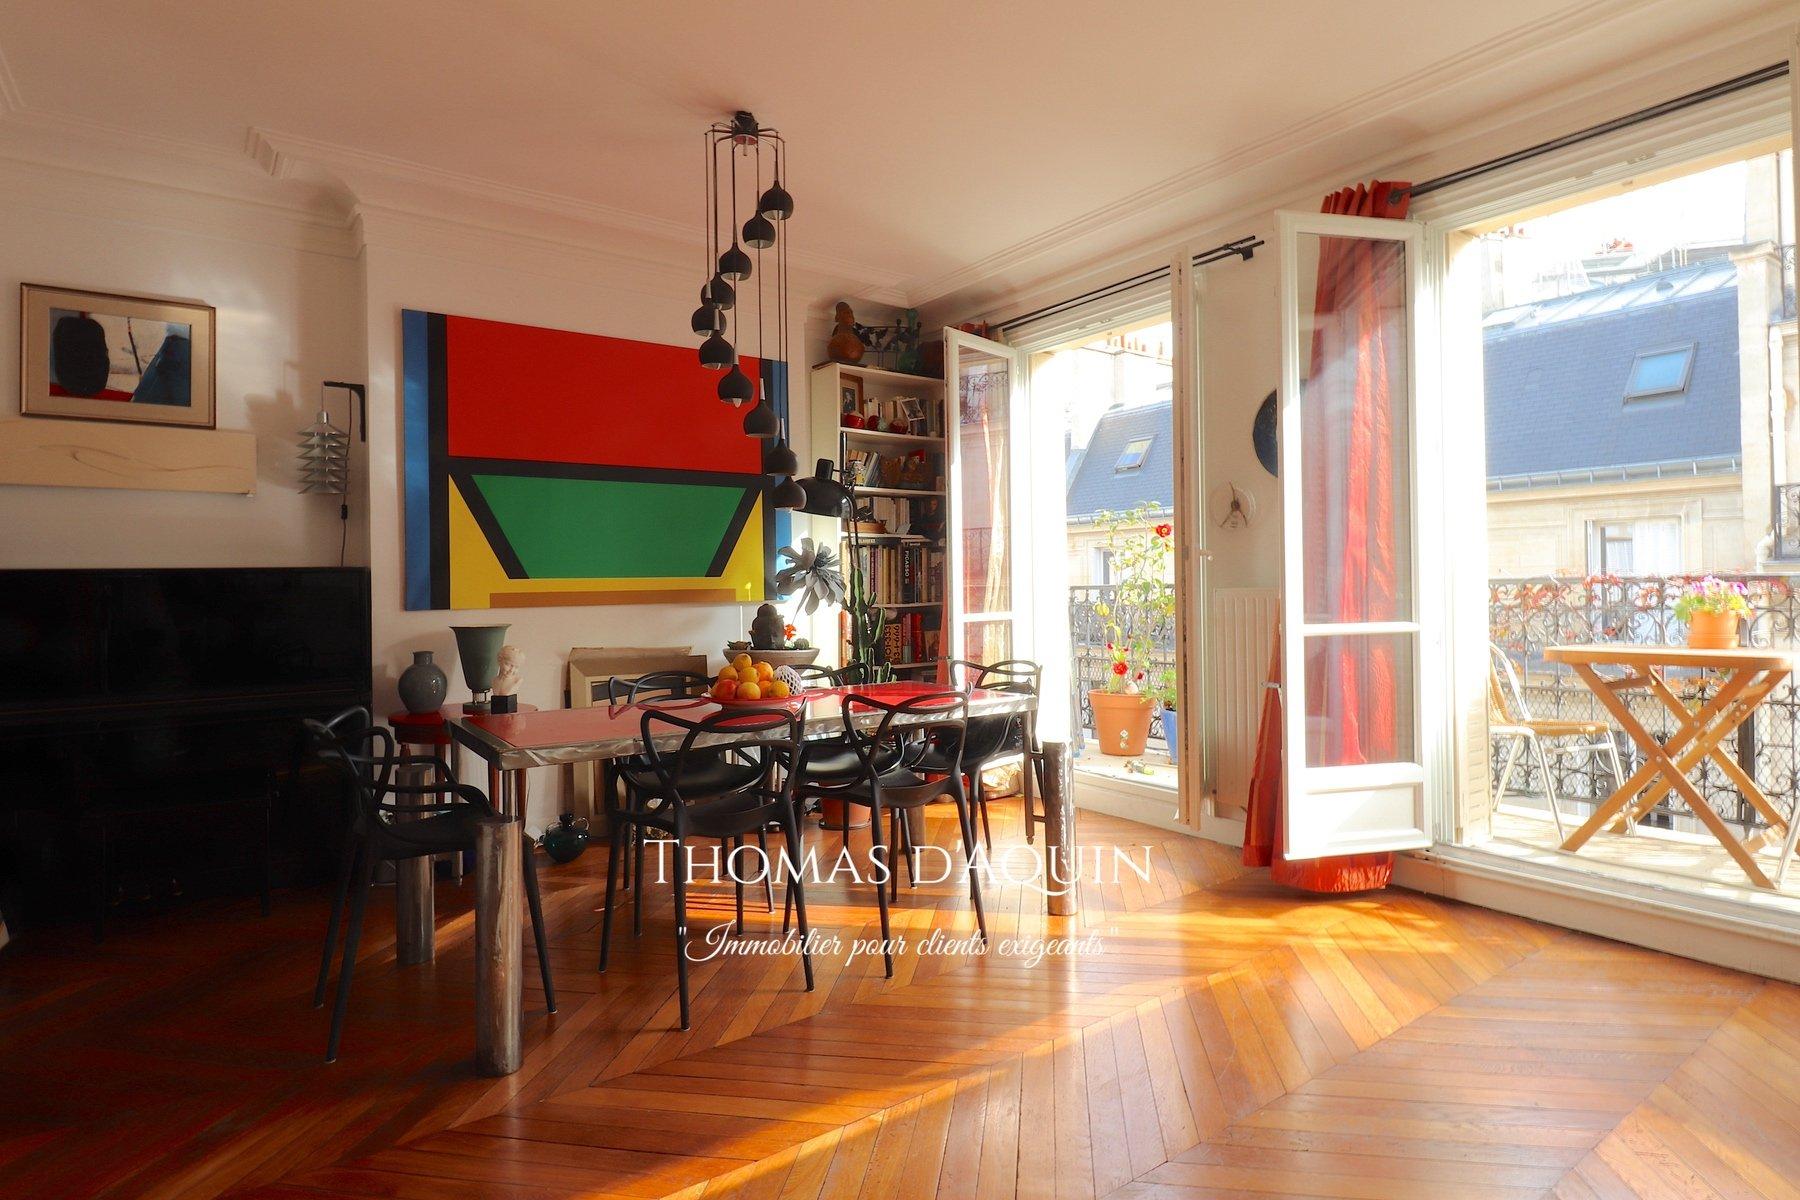 Sale Apartment - Paris 6th (Paris 6ème) Notre-Dame-des-Champs